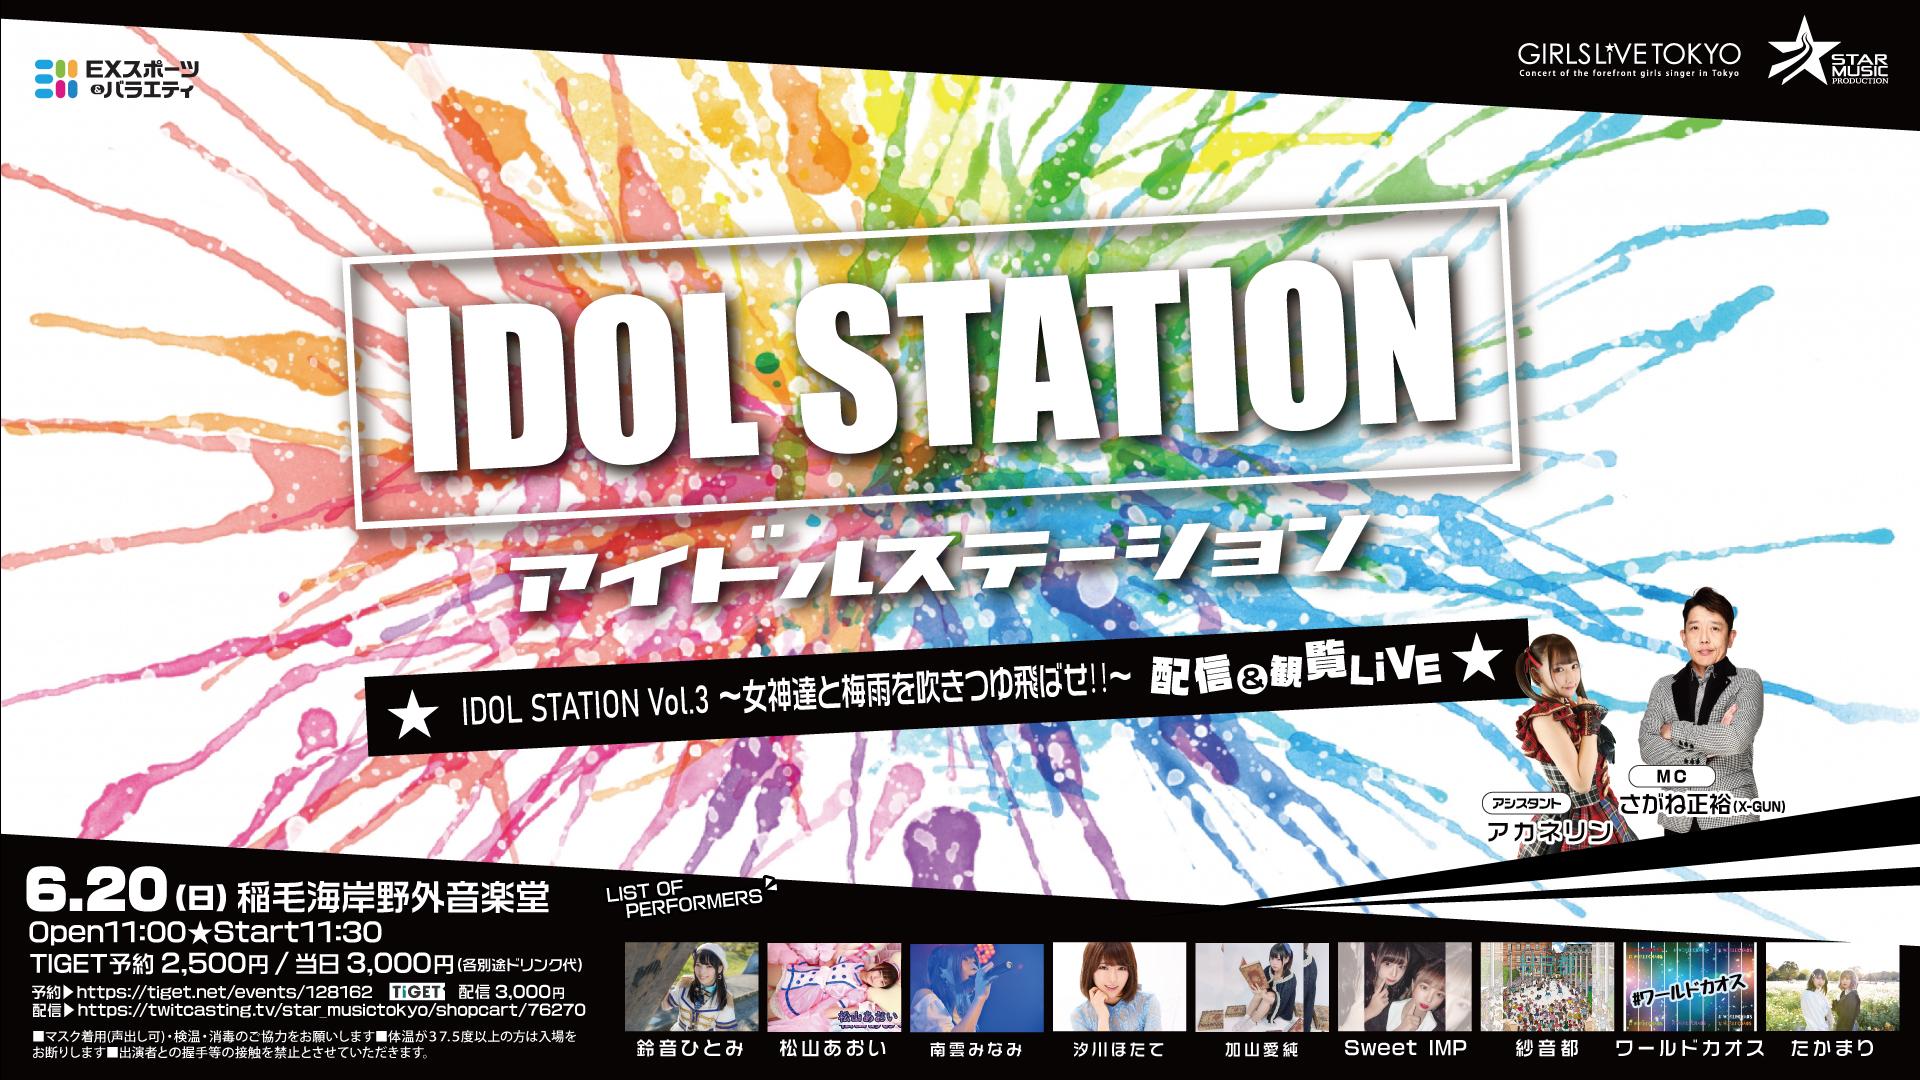 「アイドルステーション Vol.4~女神達と梅雨を吹き飛ばせ‼~」